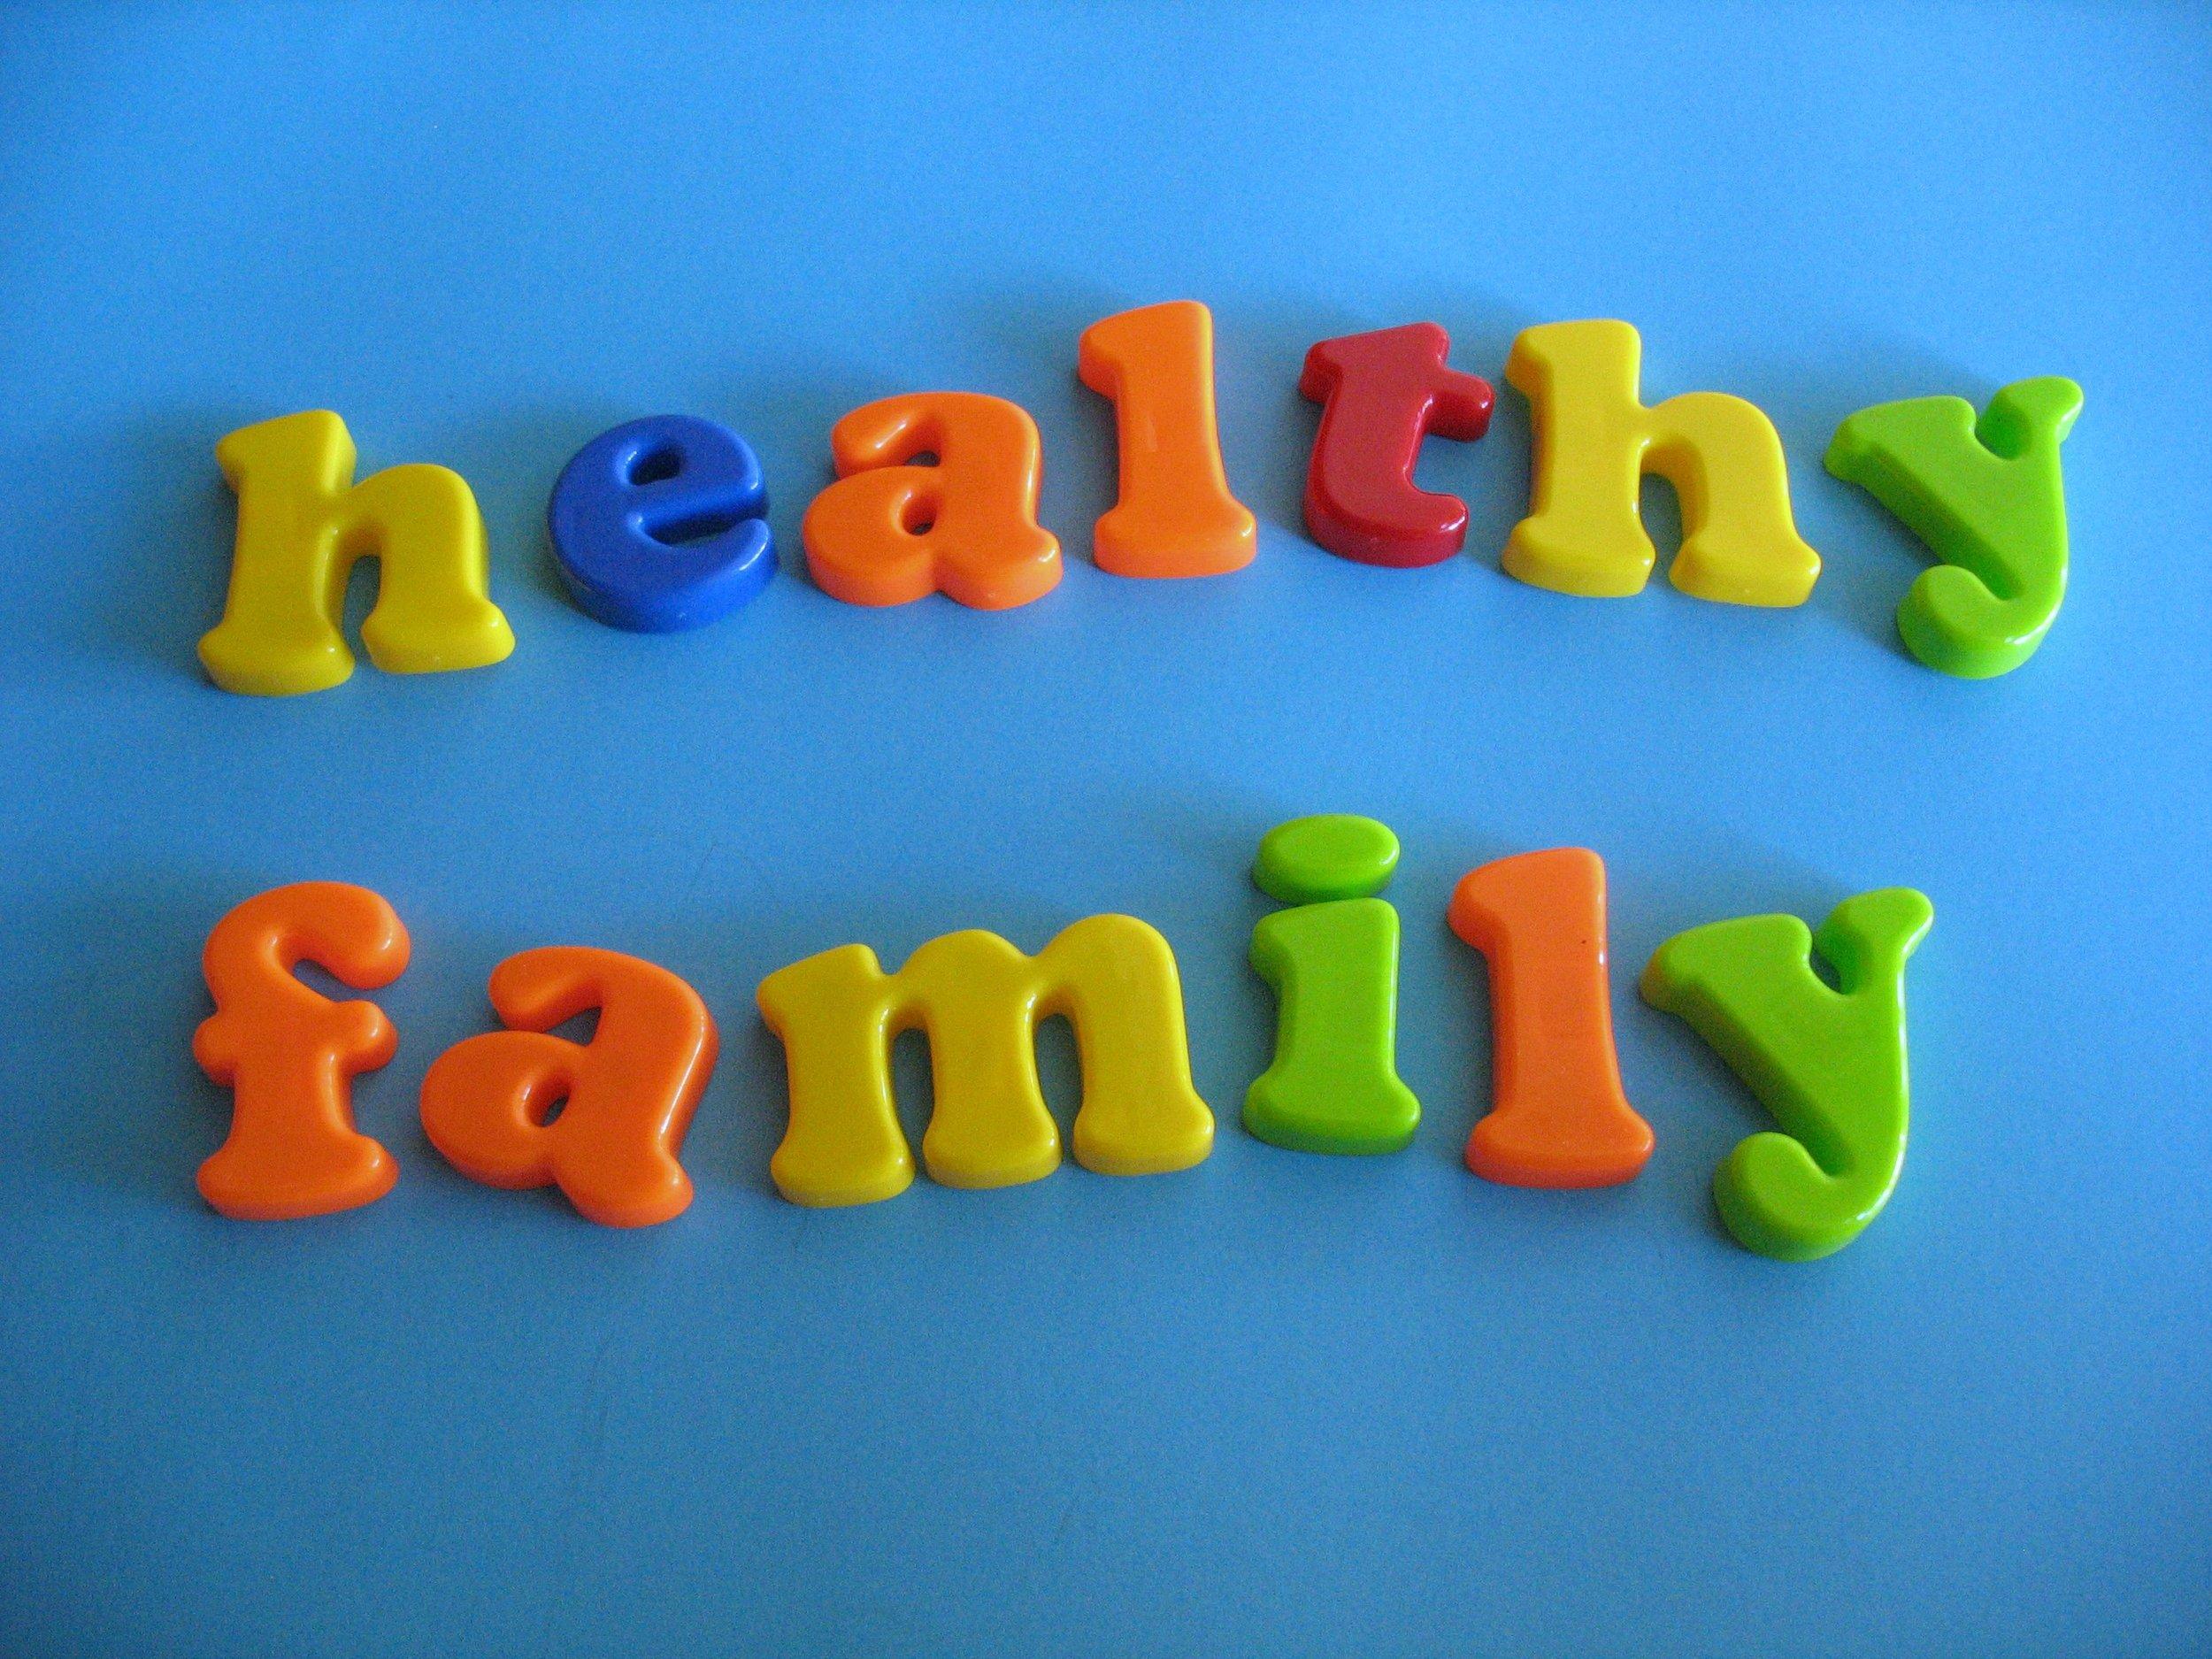 mm-healthyfamily-X2.jpg